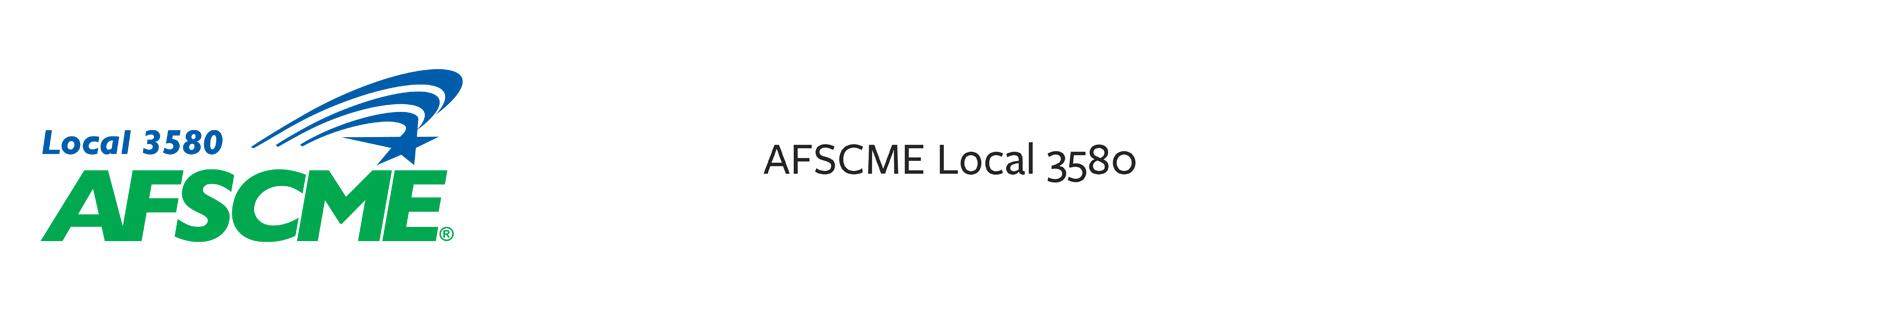 afscme3580.png